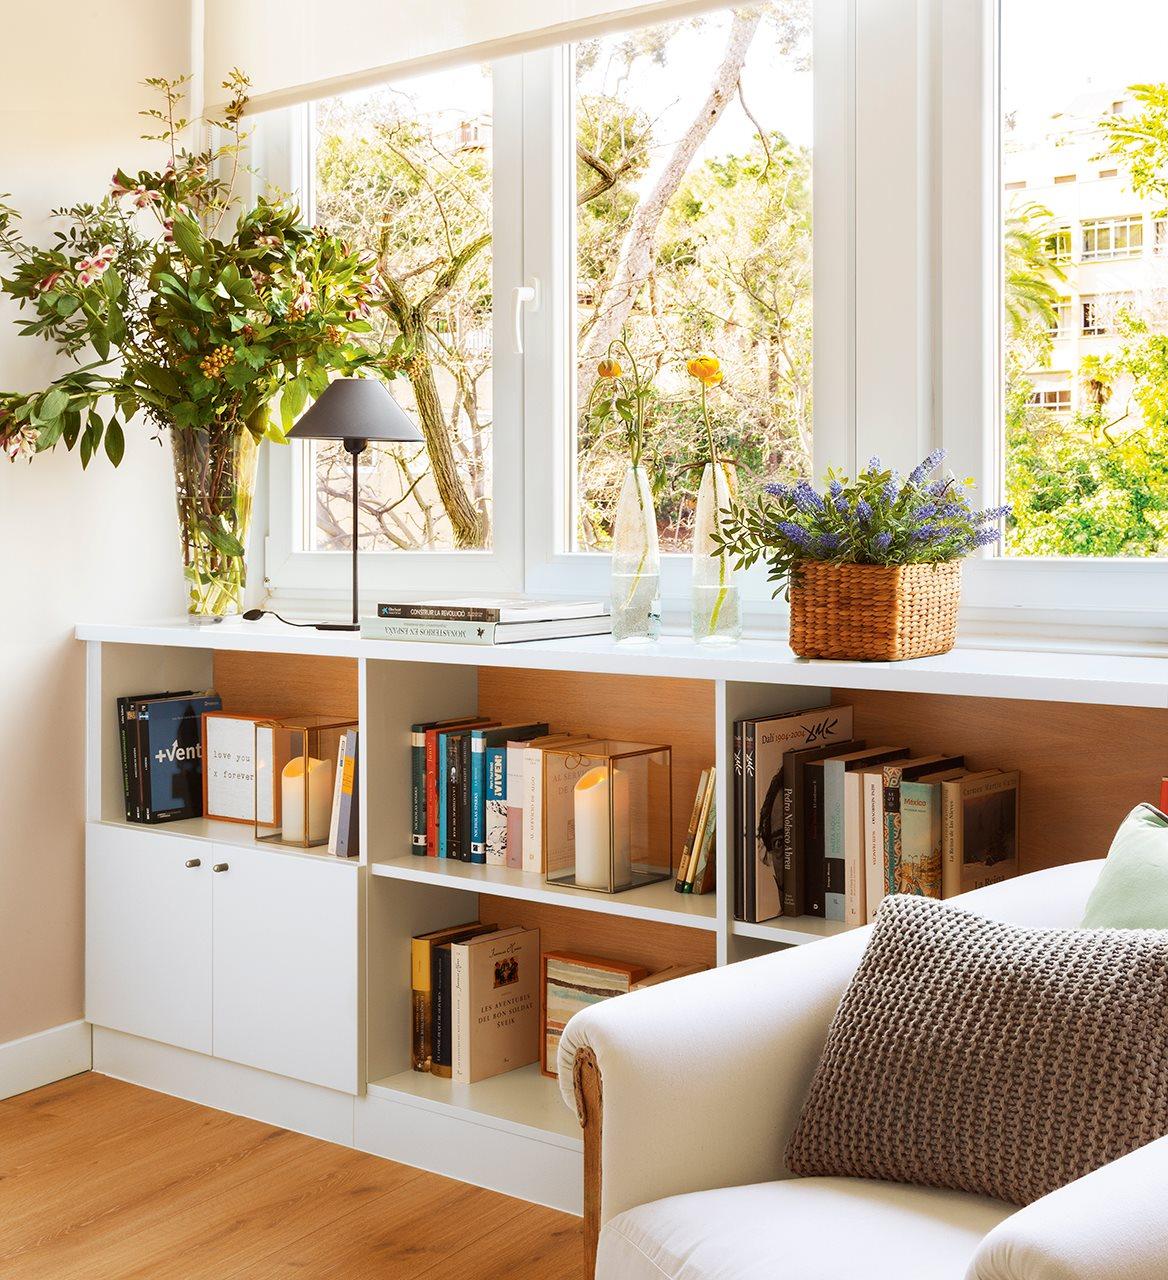 Librería bajo la ventana. Librería blanca bajo la ventana con flores y plantas encima